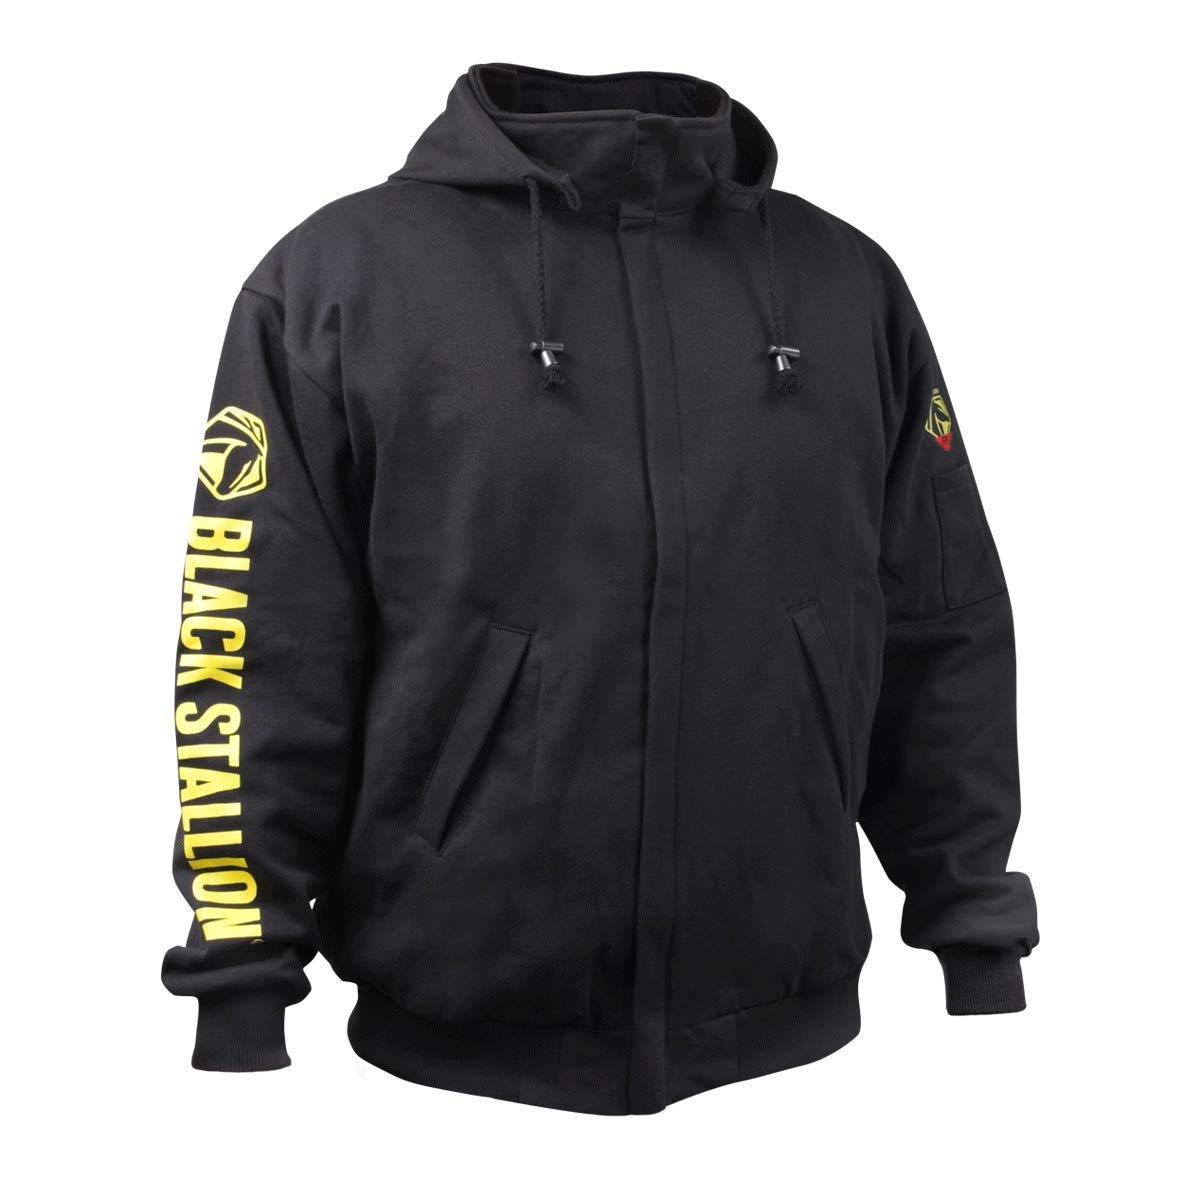 REVCO/BLACK STALLION JF1331 - Large Truguard Cotton Hooded Sweatshirt, Black by REVCO/BLACK STALLION